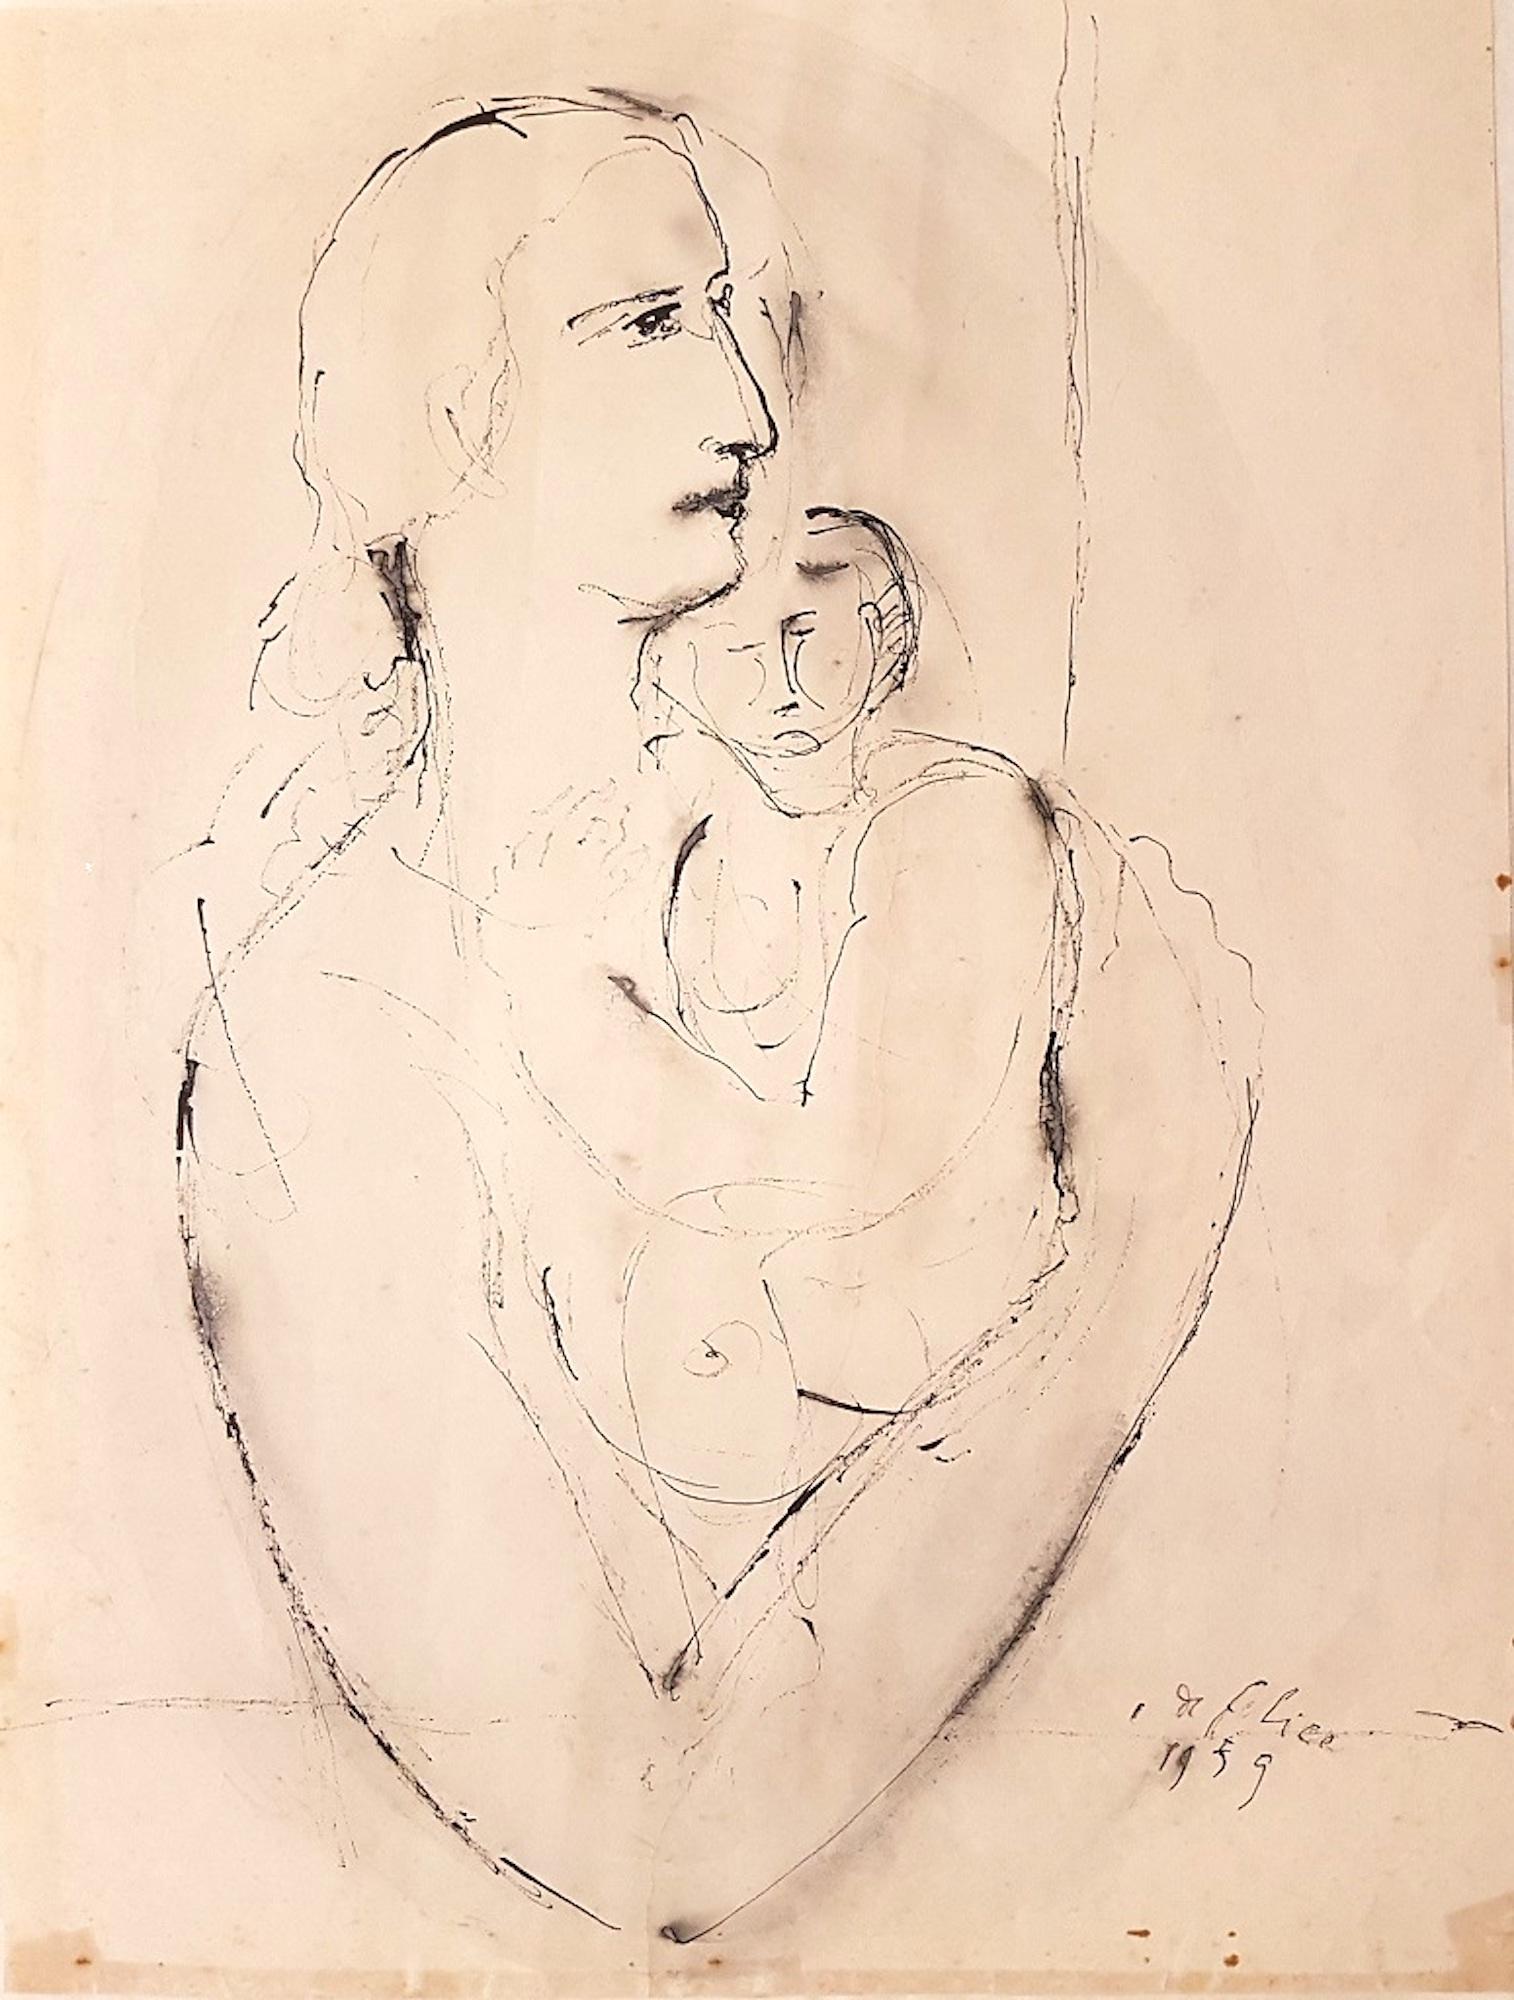 Woman with Baby - Original Ink Drawing by Aurelio De Felice - 1959